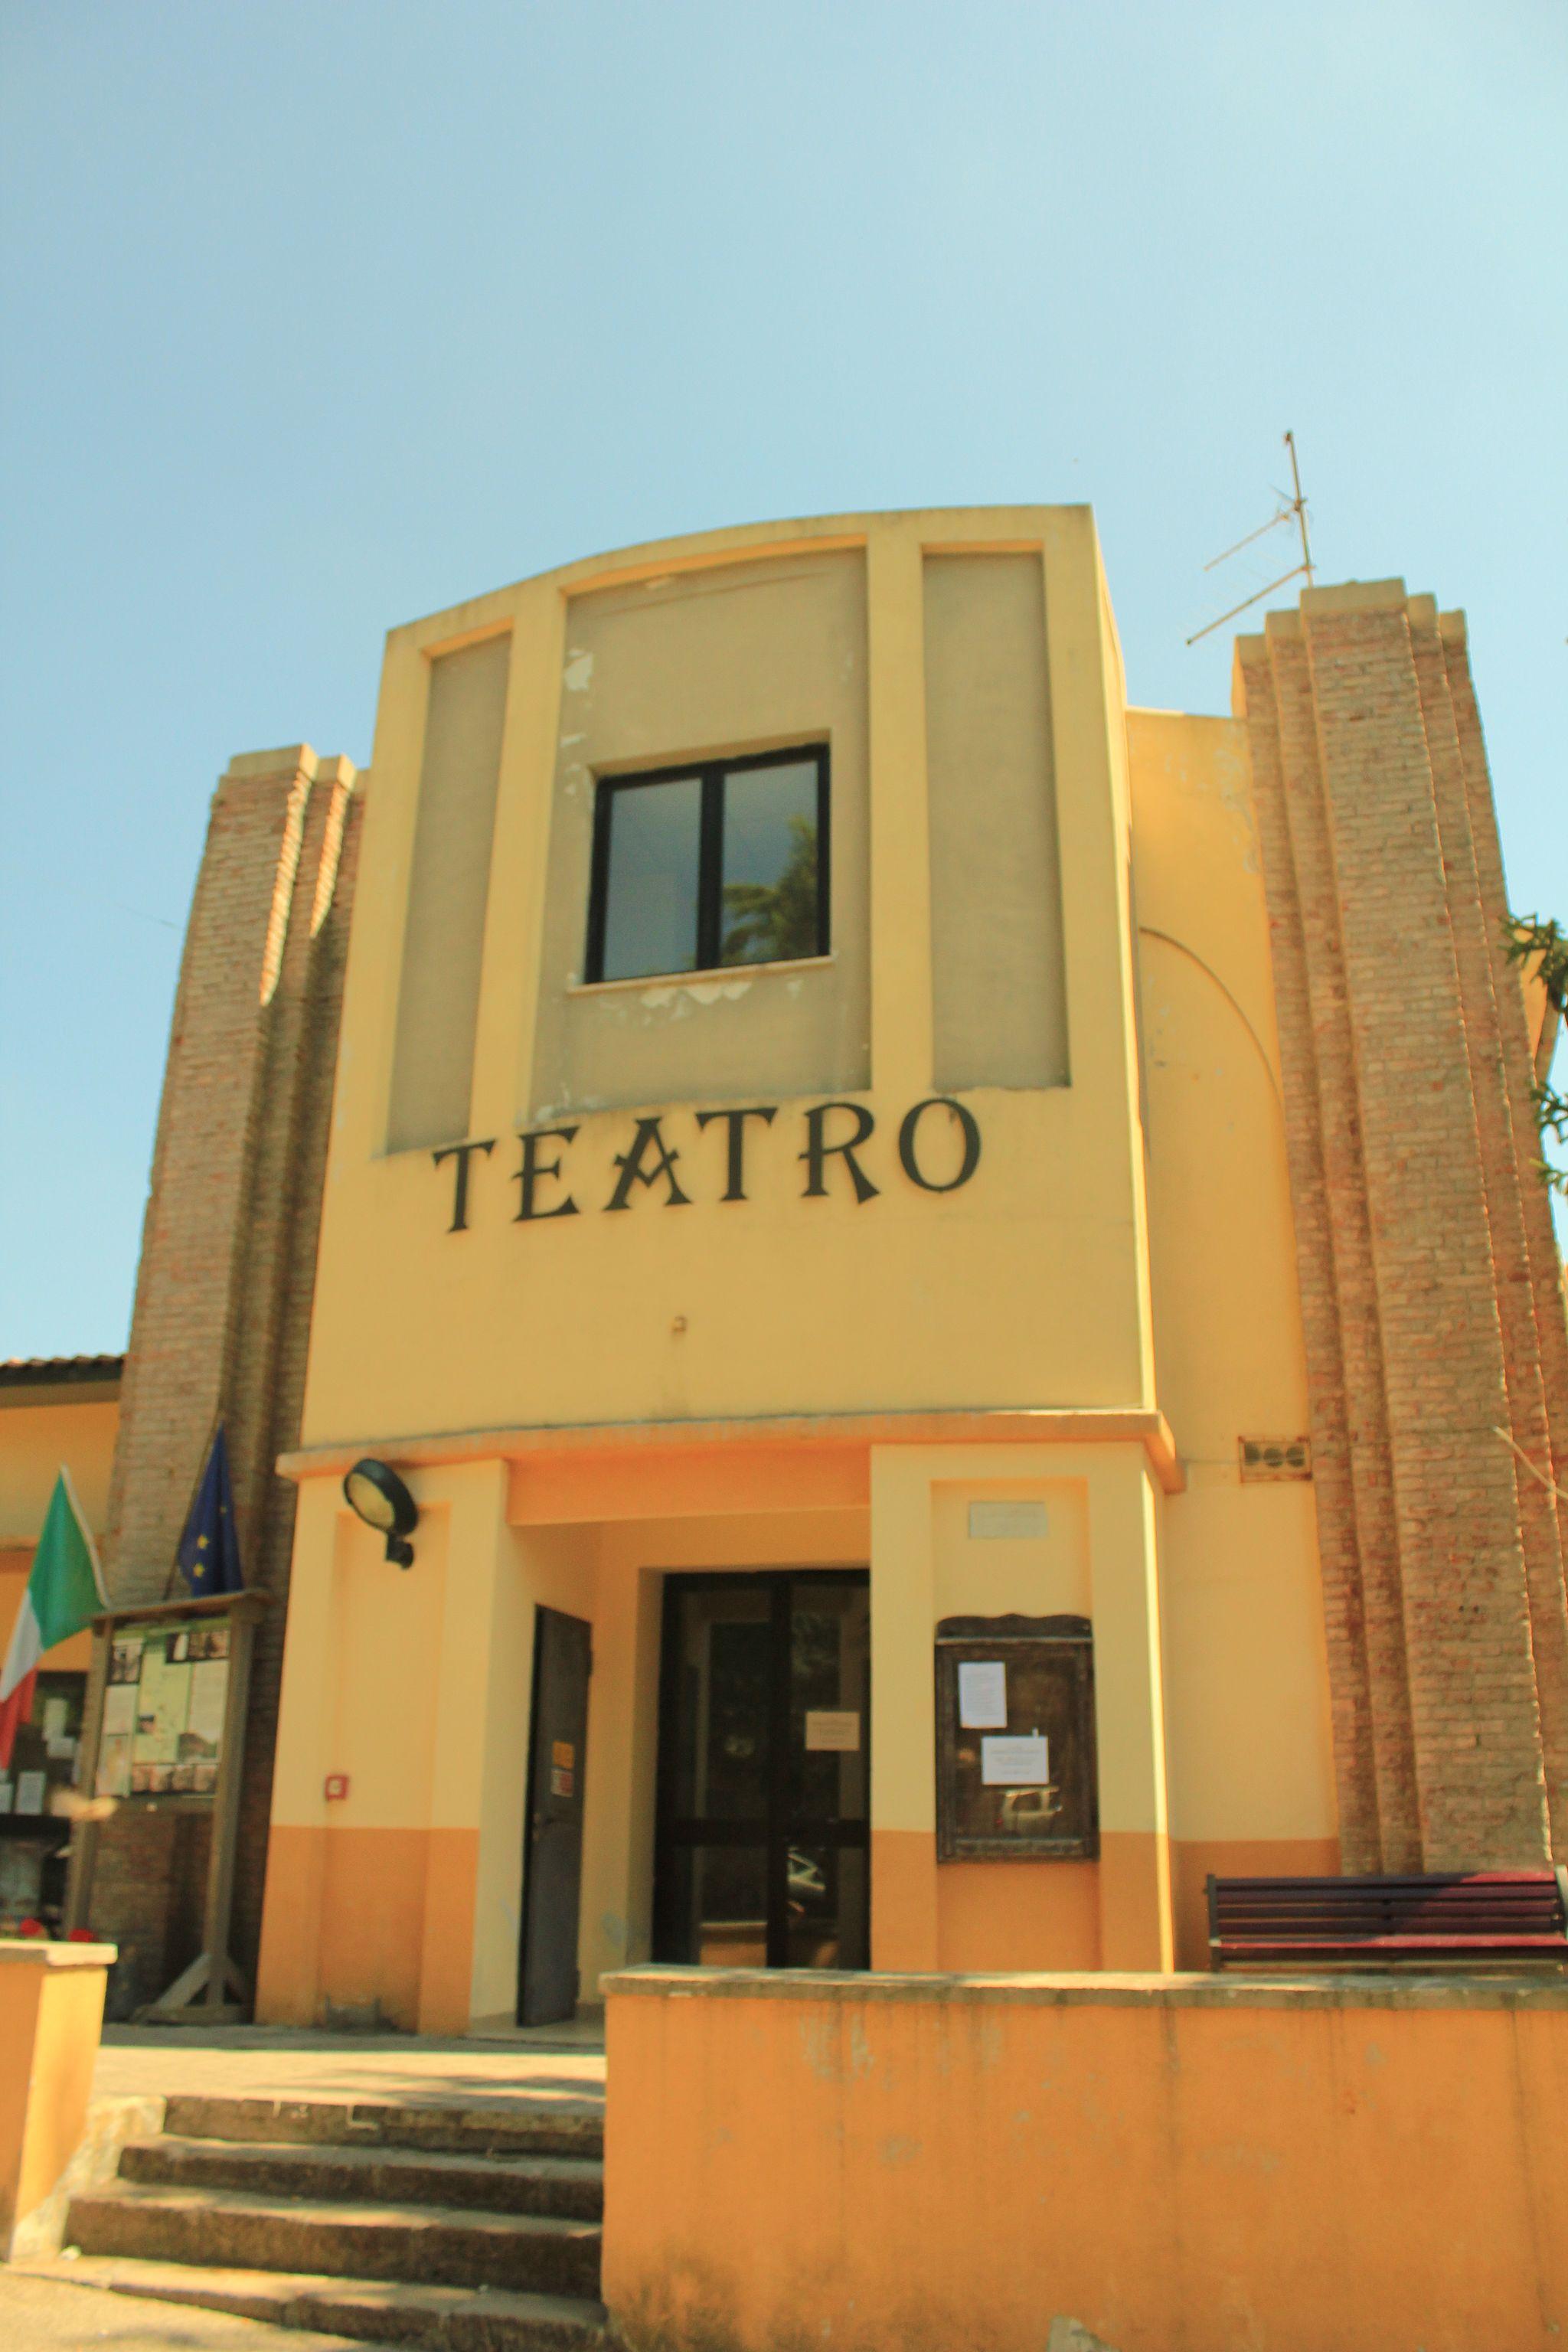 Sala teatrale di Boccheggiano, Montieri(GR)